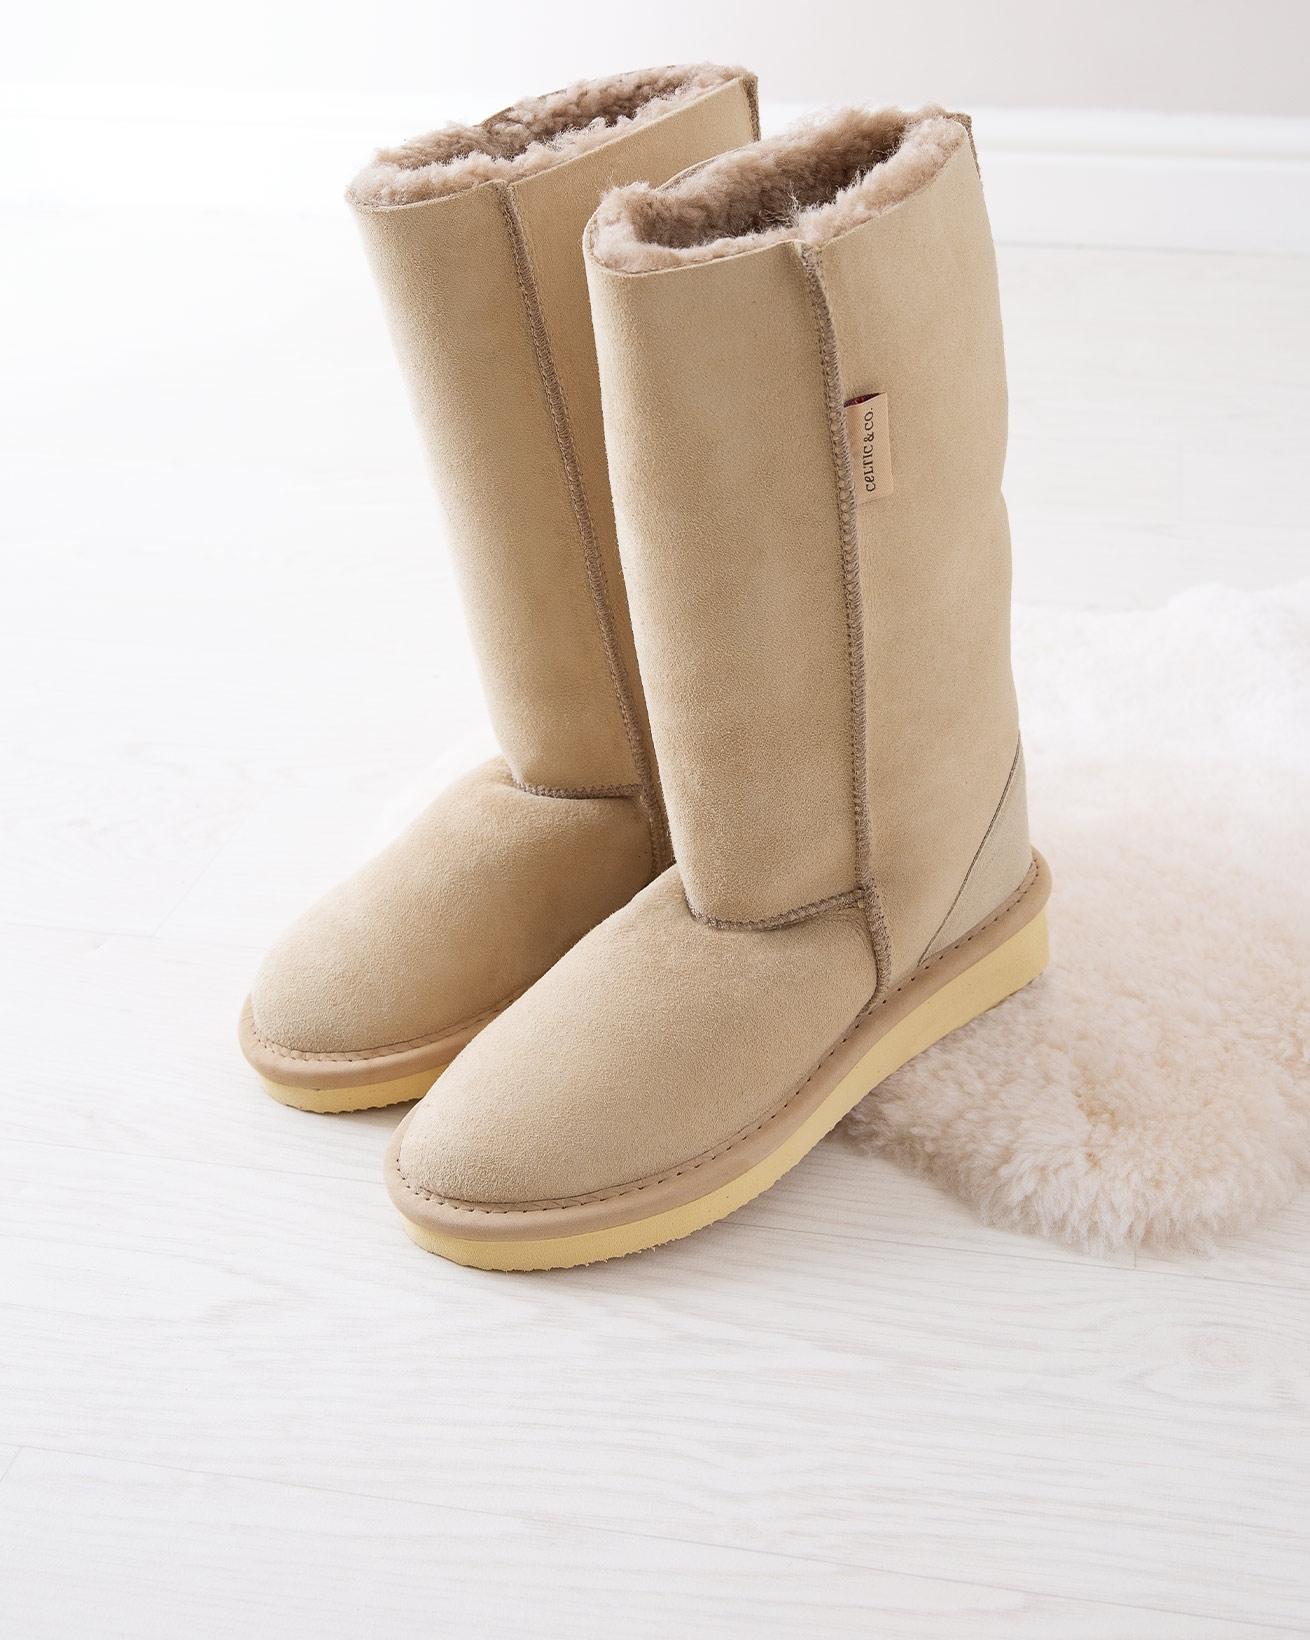 Celt House Boots - Calf